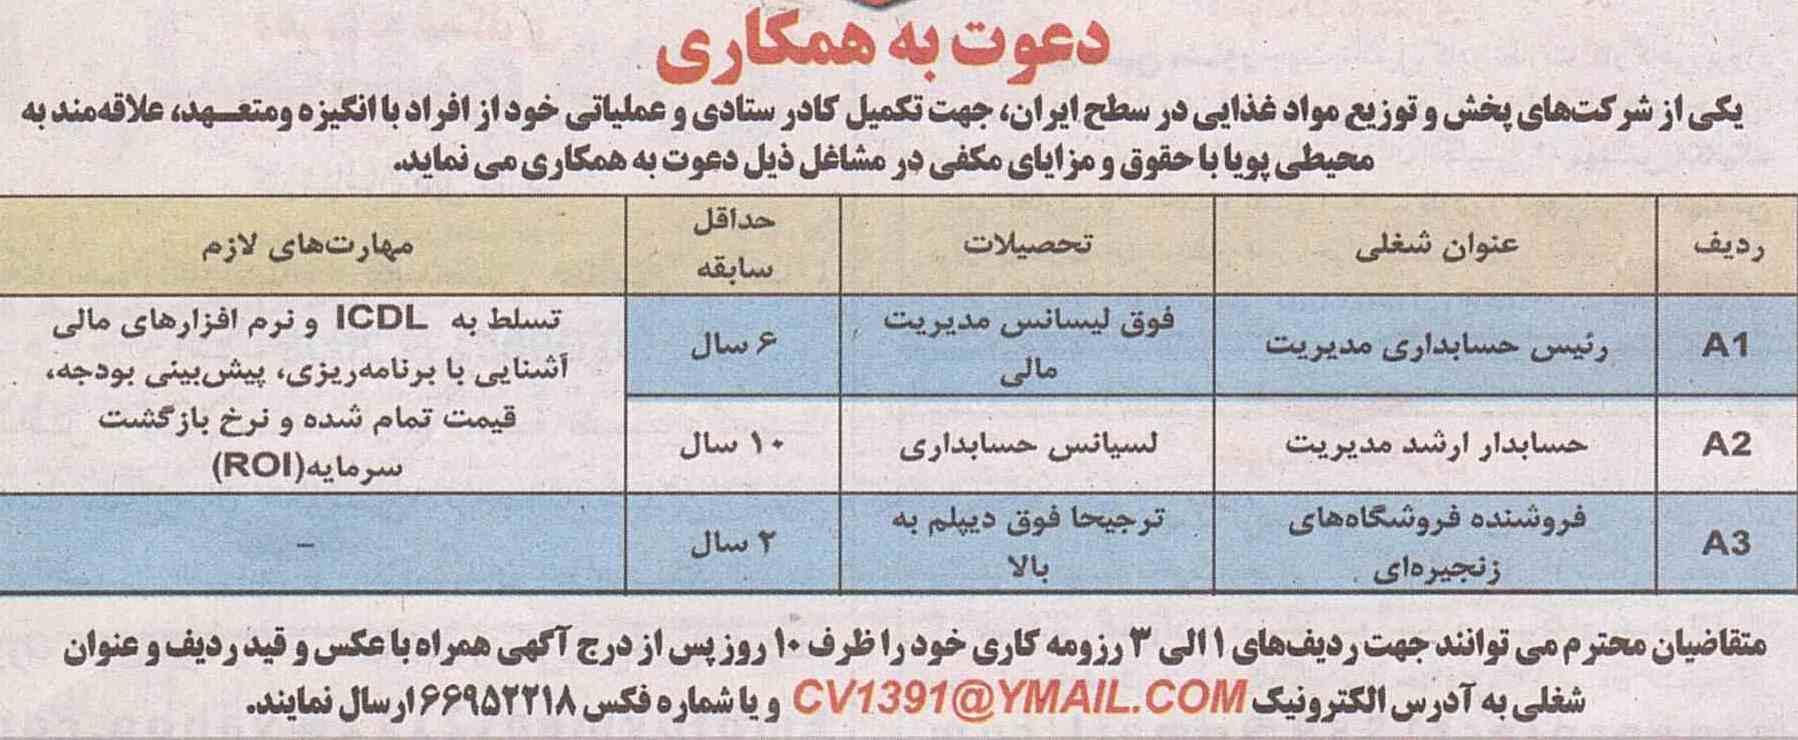 145346853120566485s استخدام حسابدار و فروشنده در تهران